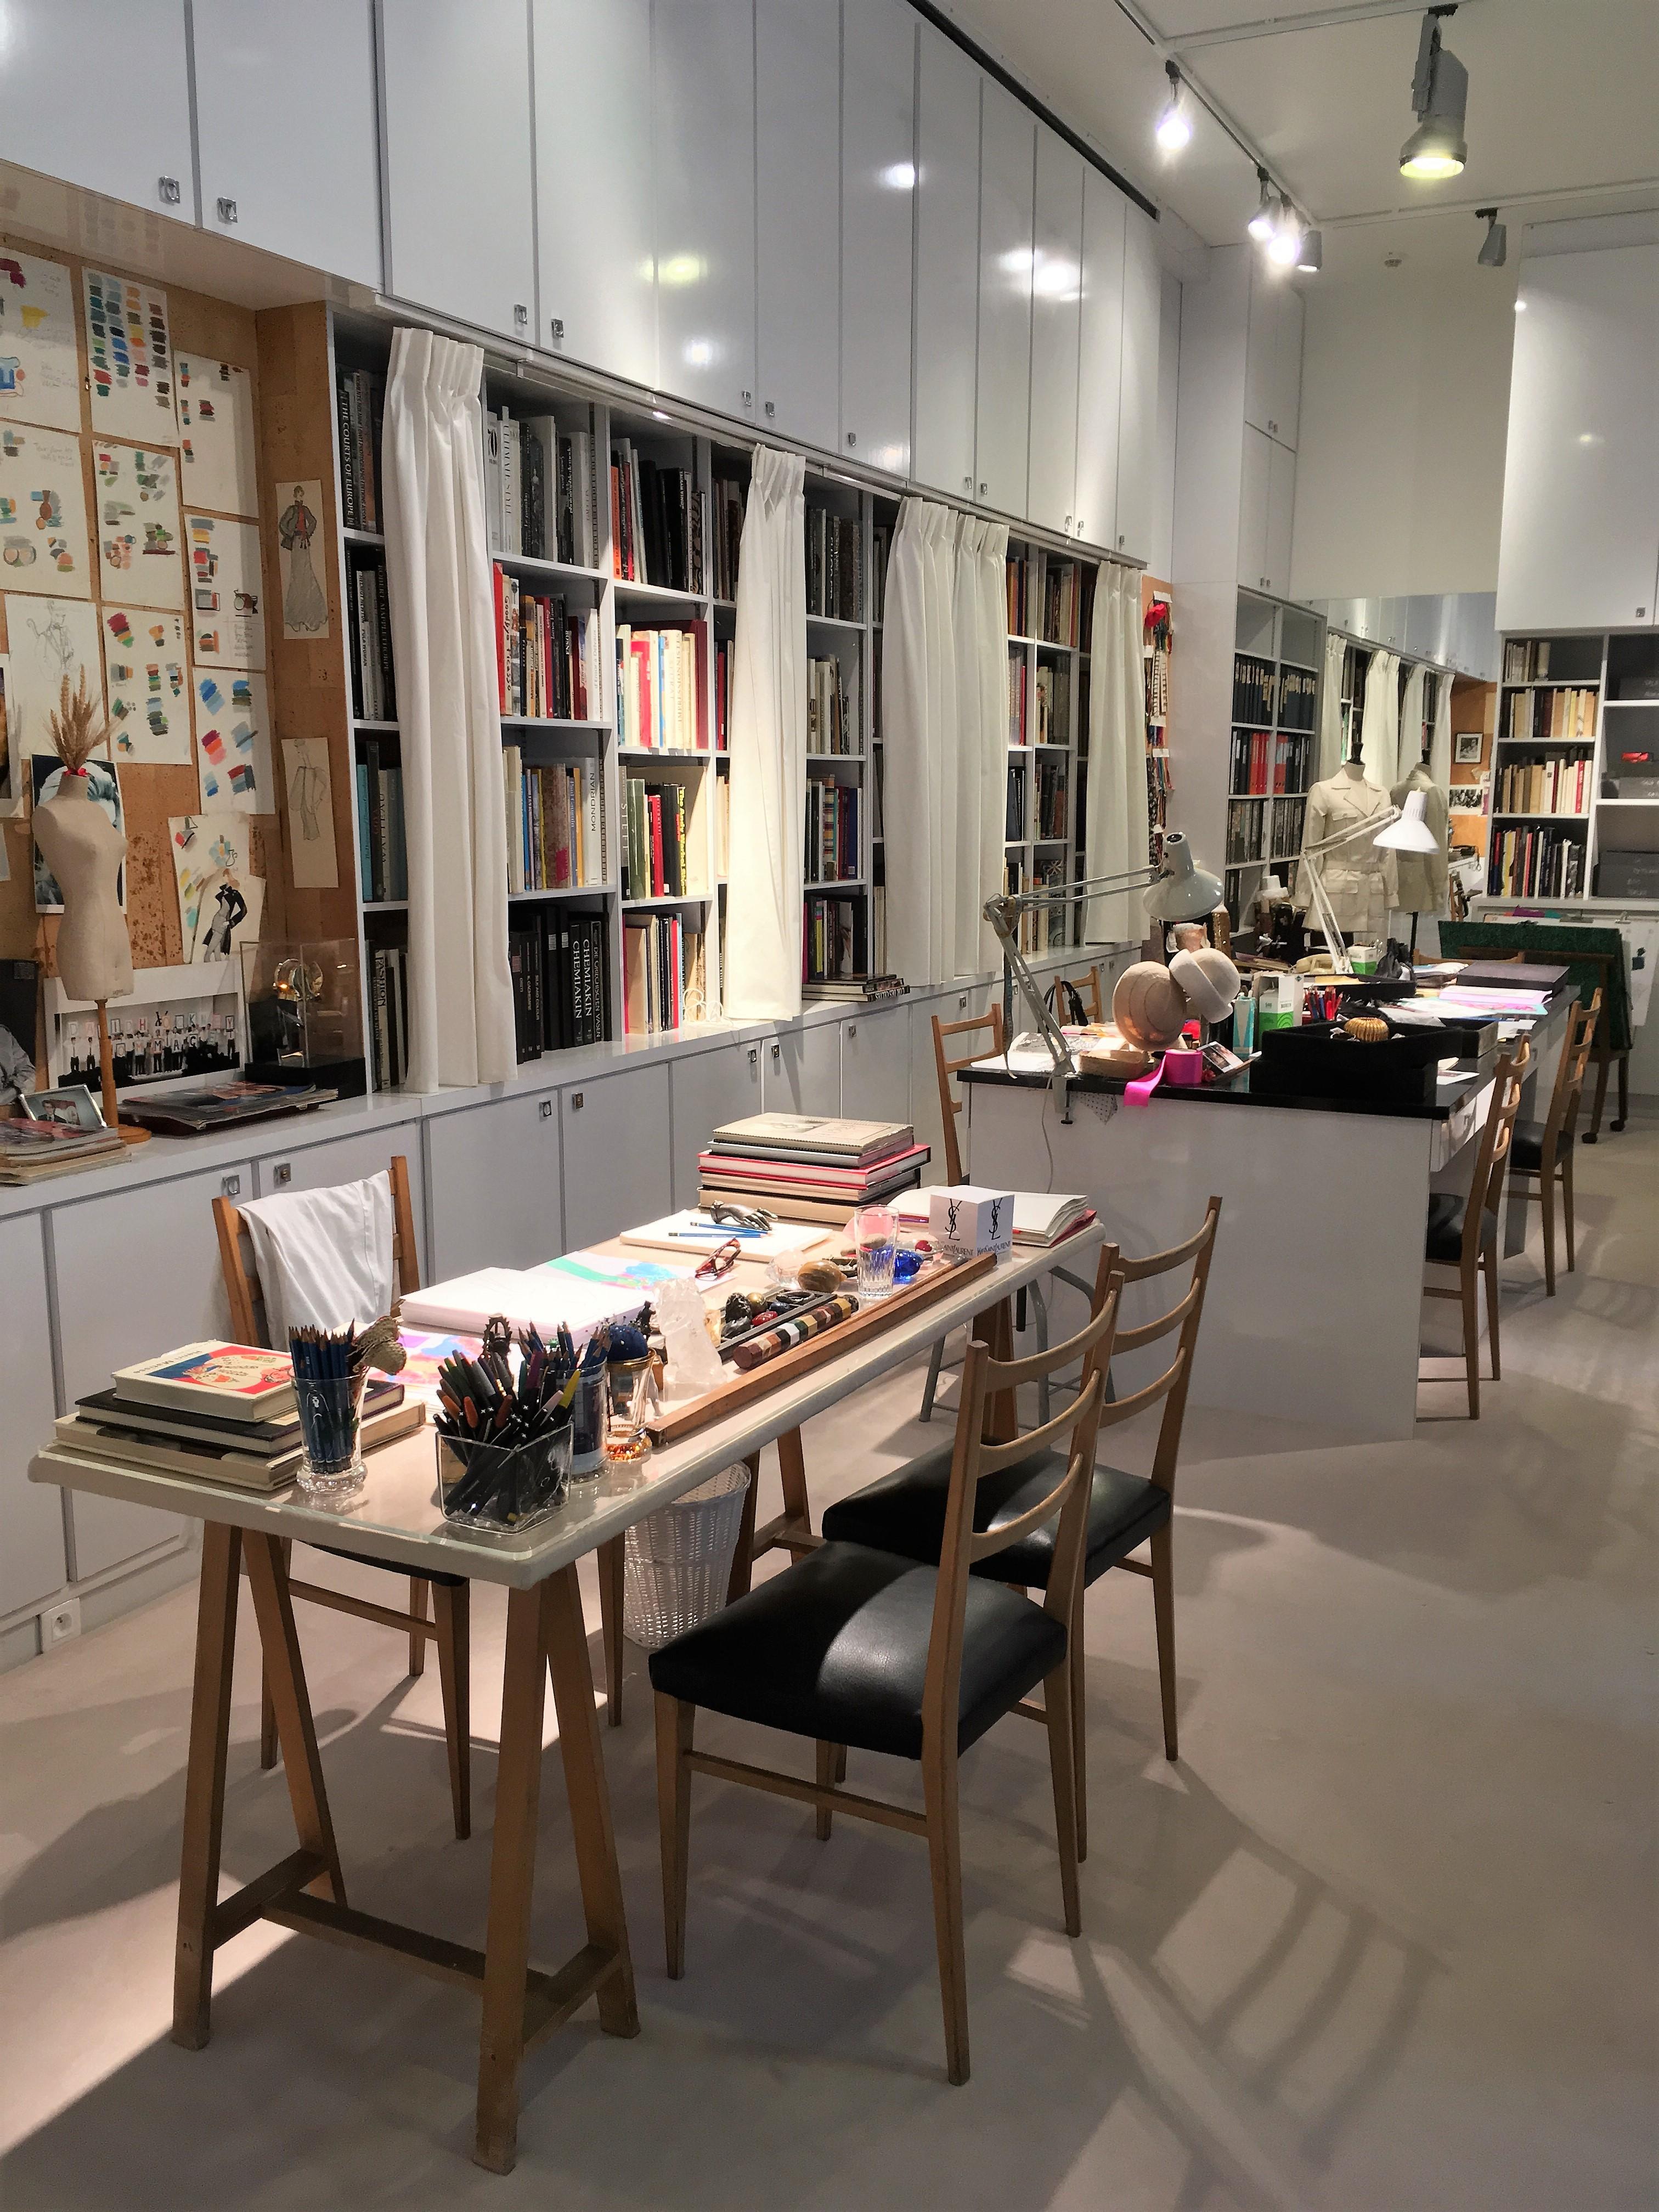 fichier mus e yves saint laurent paris atelier d 39 ysl by. Black Bedroom Furniture Sets. Home Design Ideas